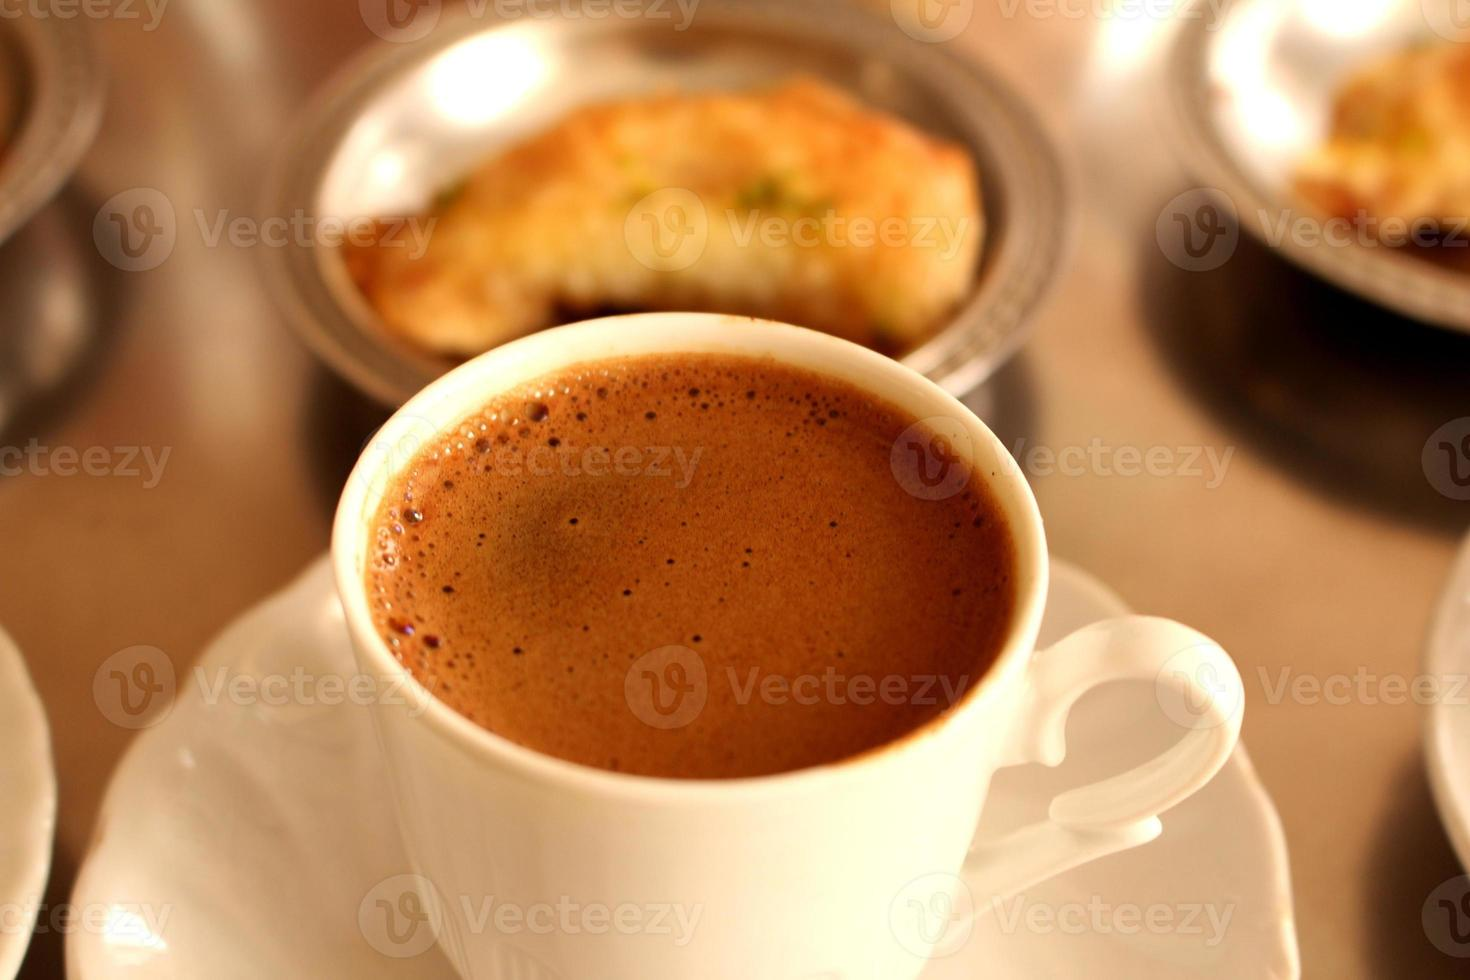 frisch gebrühter türkischer Kaffee foto